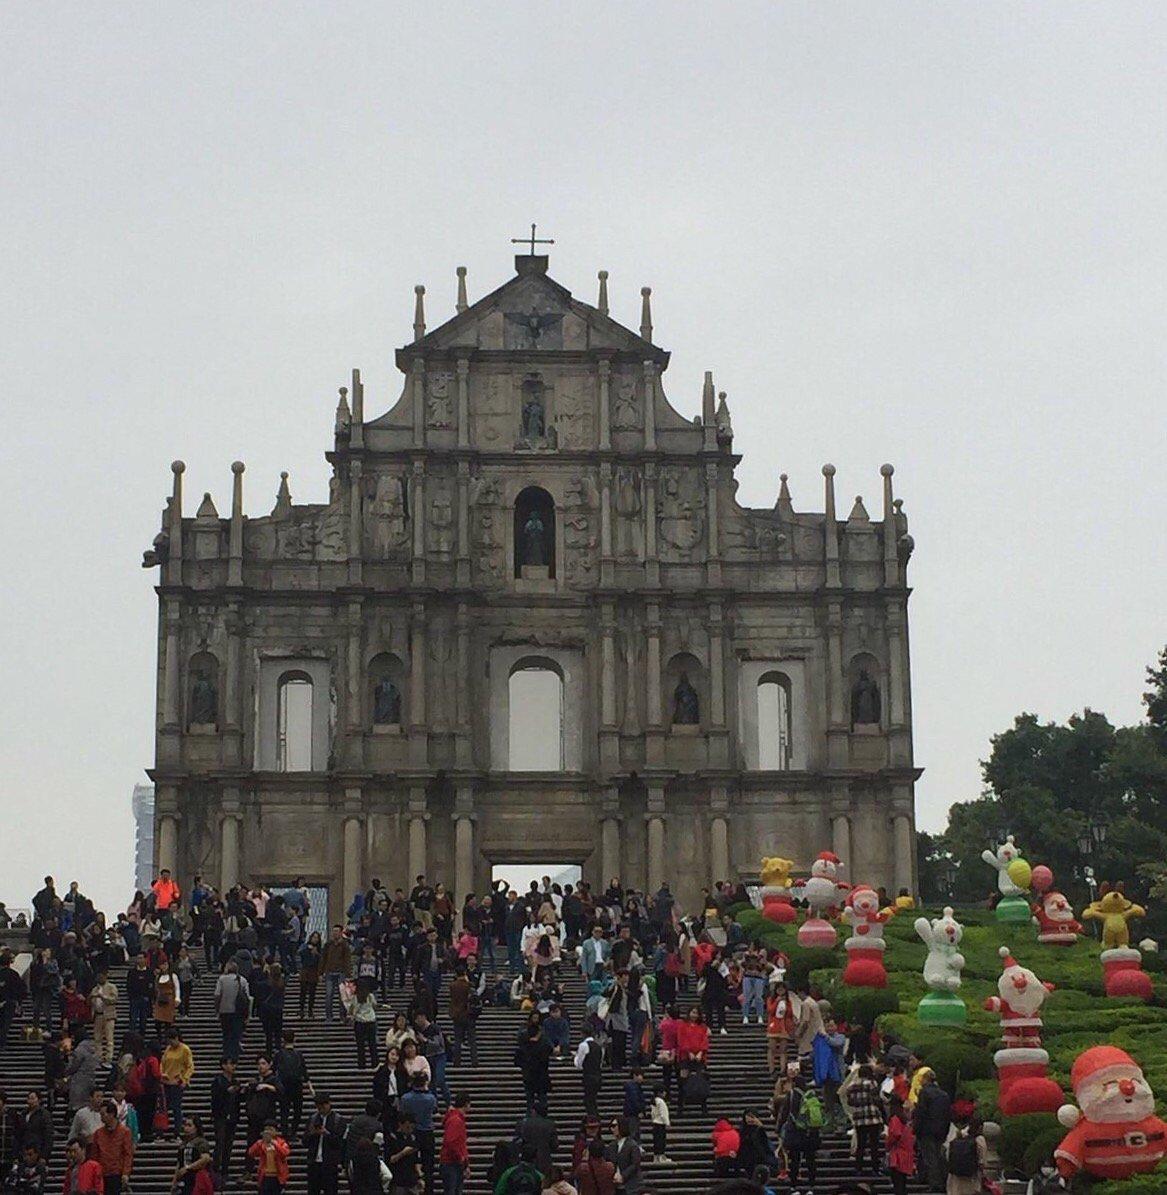 独自一人澳门一日游-苏州v游记游记-攻略-去哪儿春节北京到澳门自驾游攻略图片